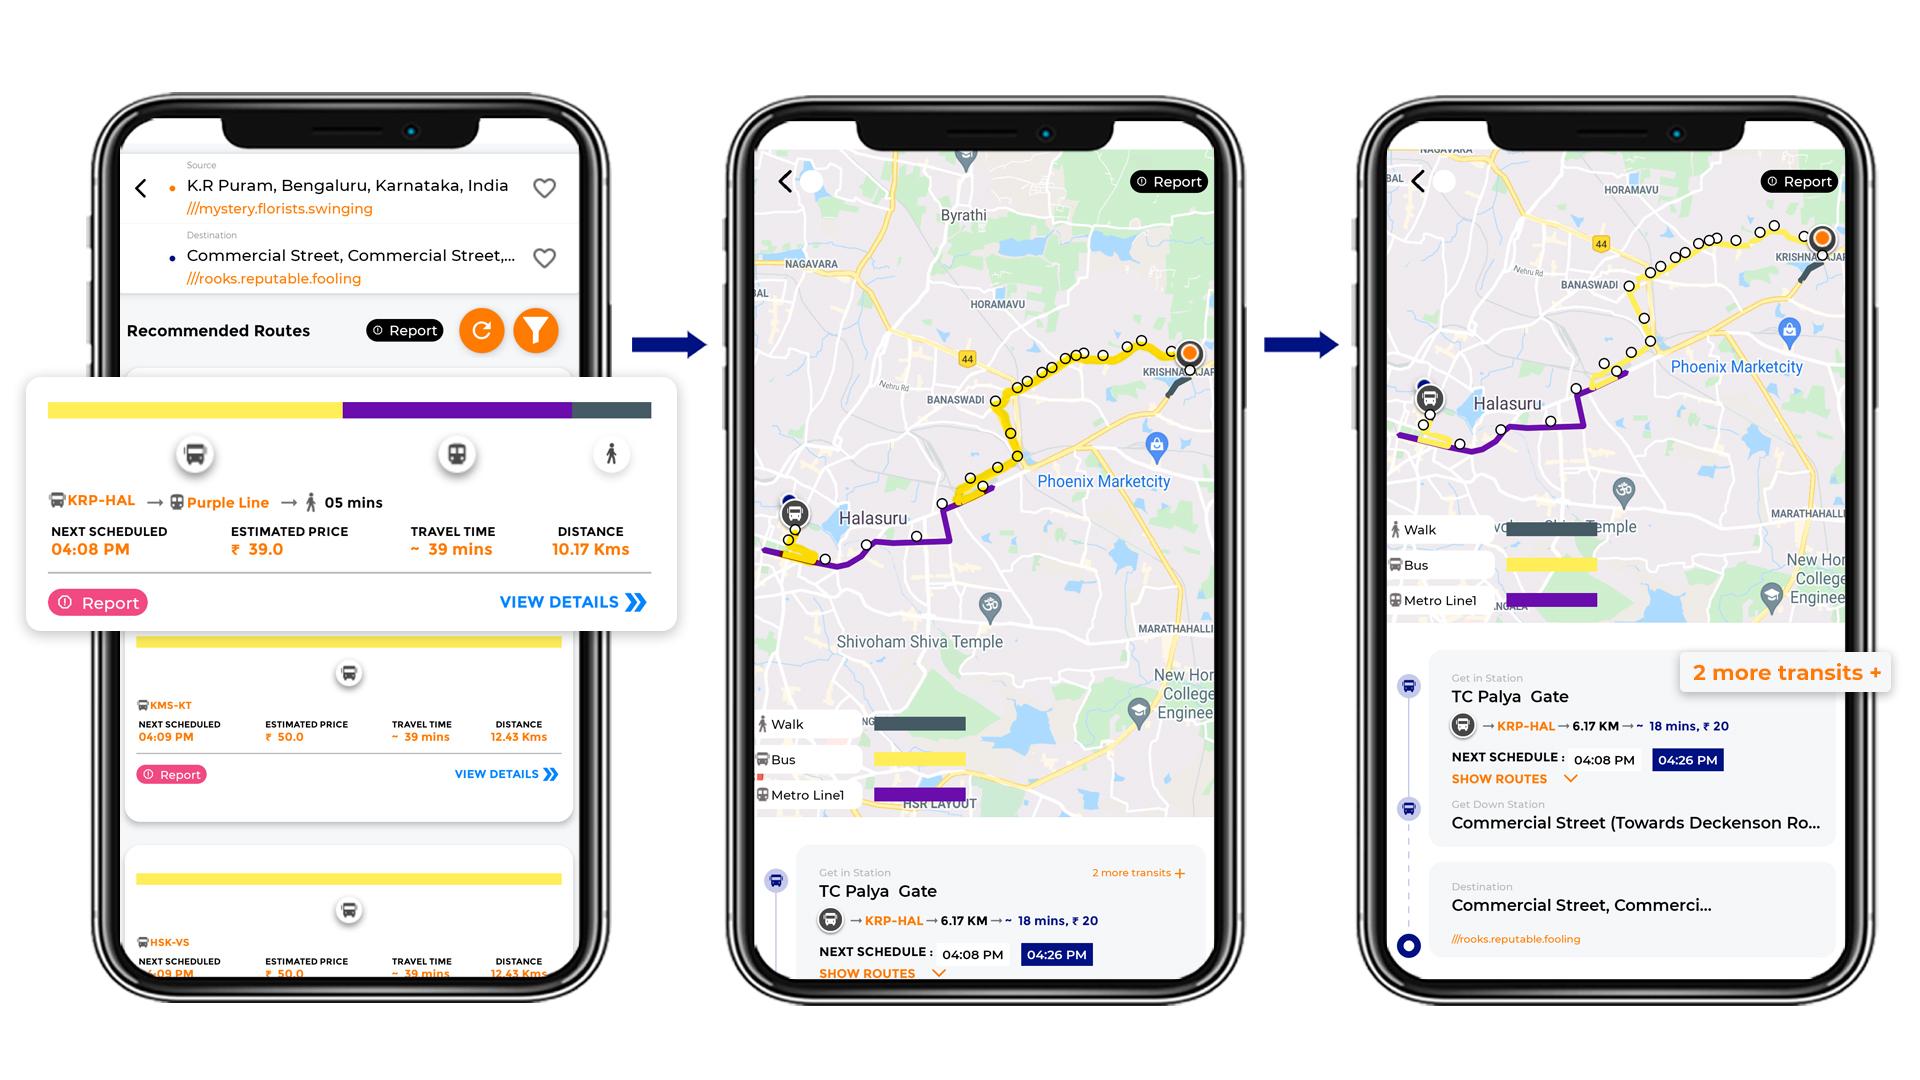 Tummoc, Tummoc app, Public Transport Information, Commercial street, KR Puram